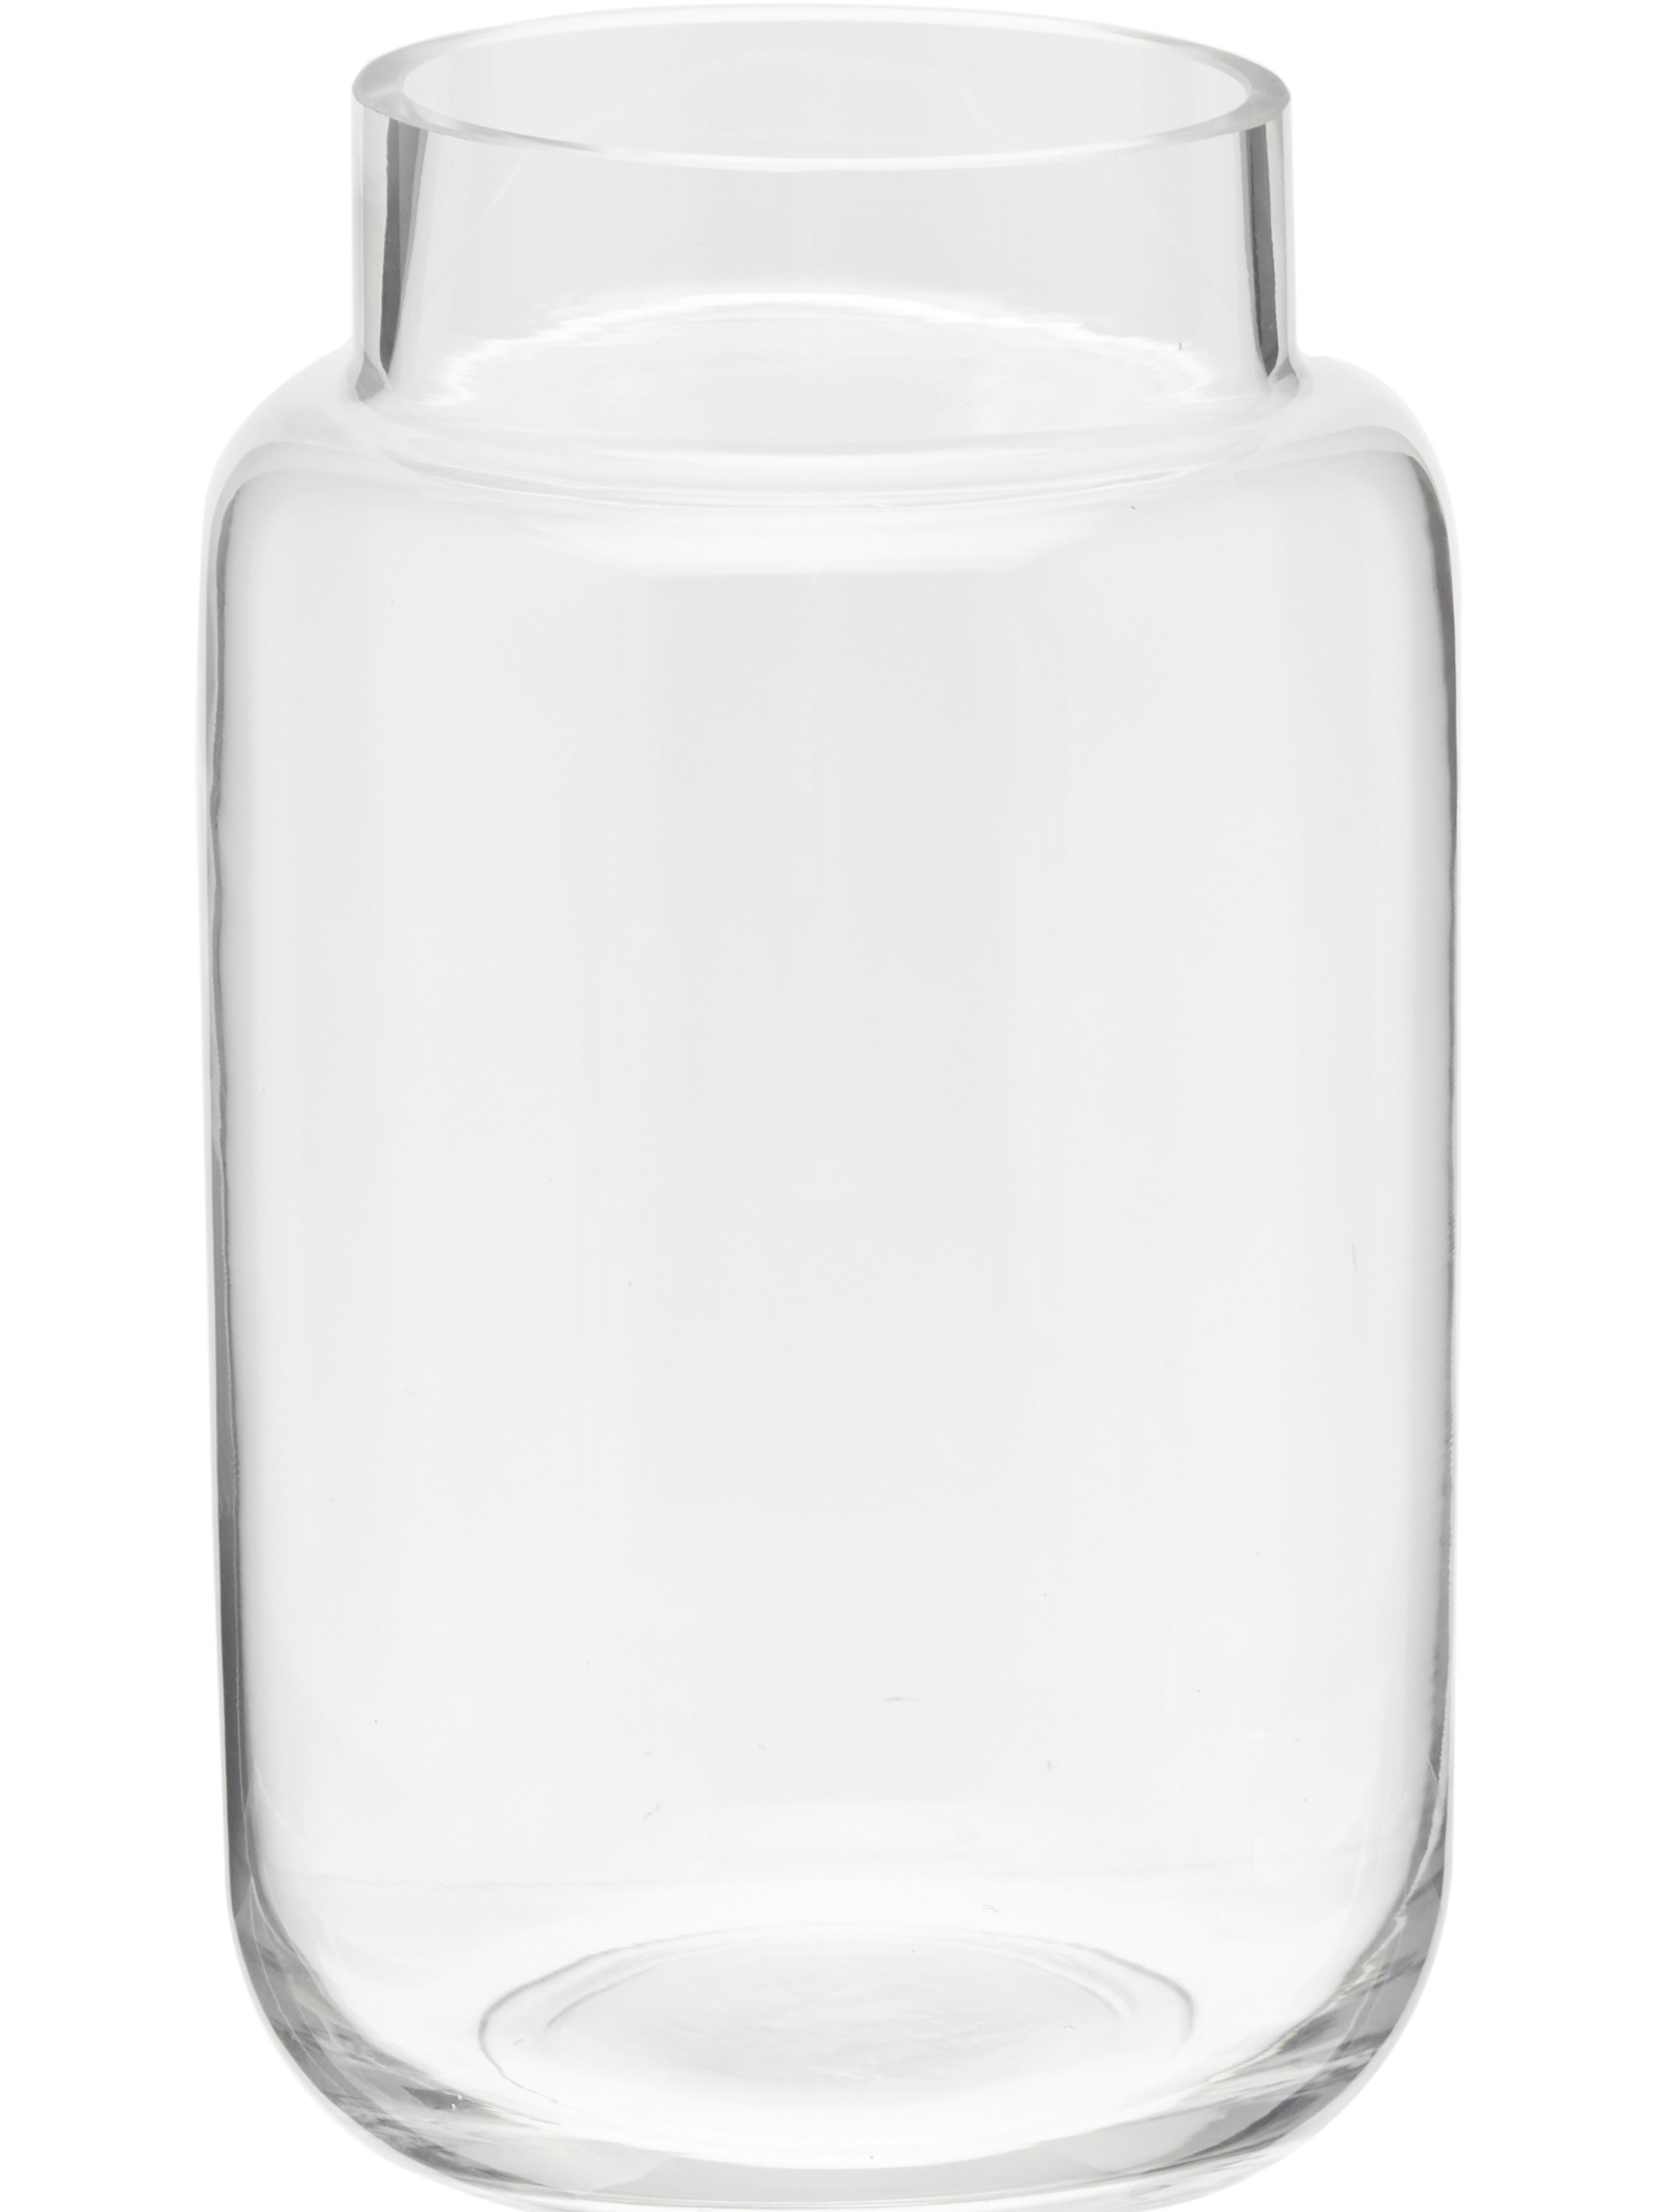 Wazon ze szkła Lasse, duży, Szkło, Transparentny, Ø 14 x W 23 cm